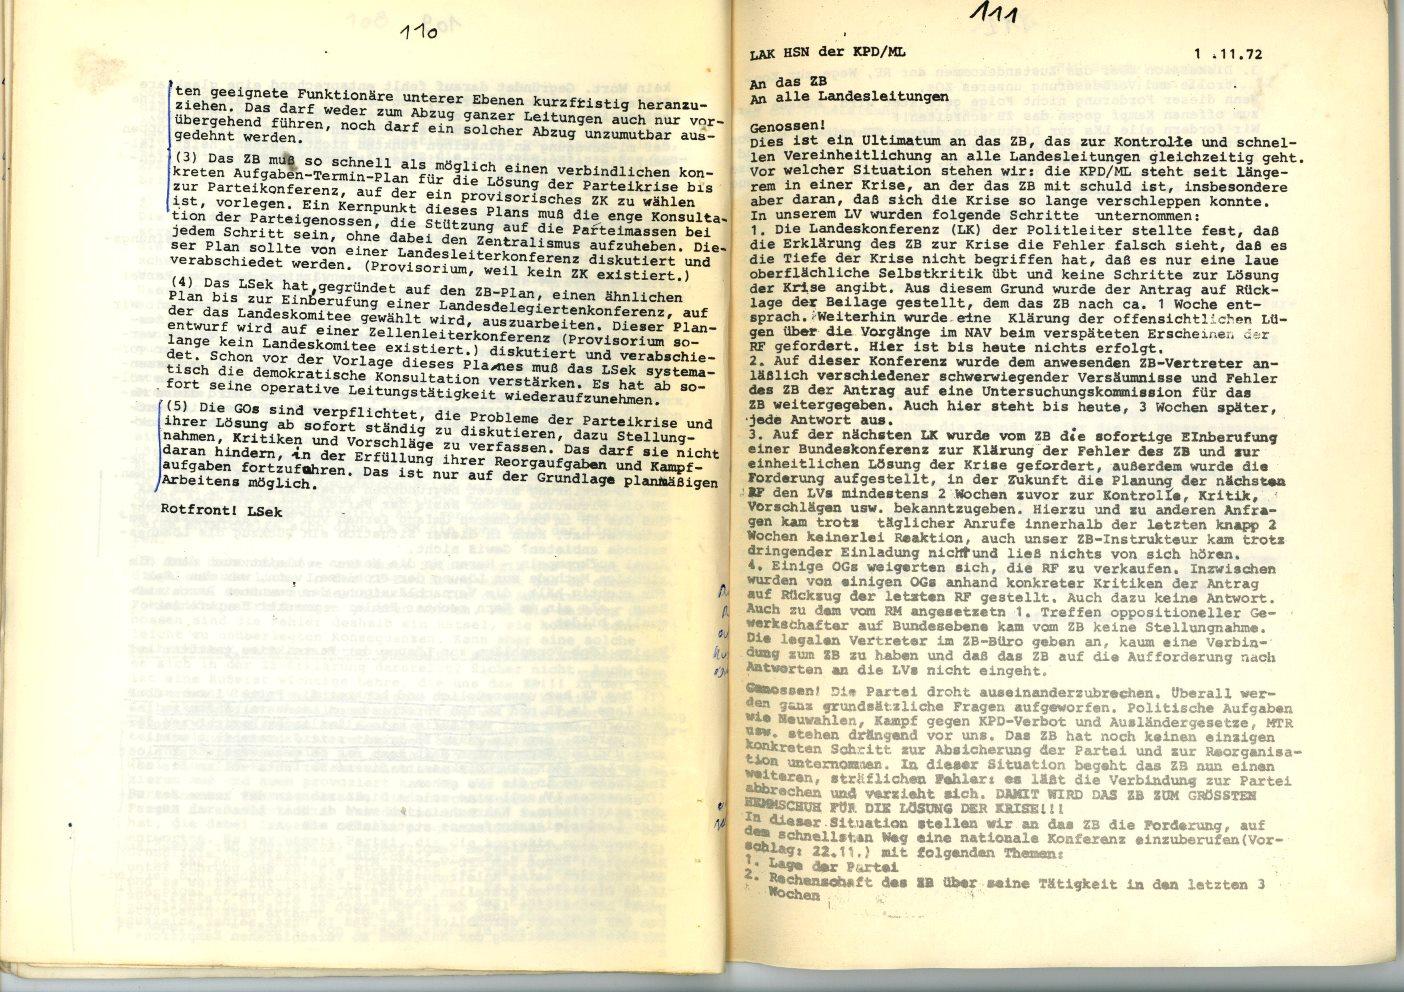 ZB_1972_Diskussionsorgan_zur_ersten_Parteikonferenz_61